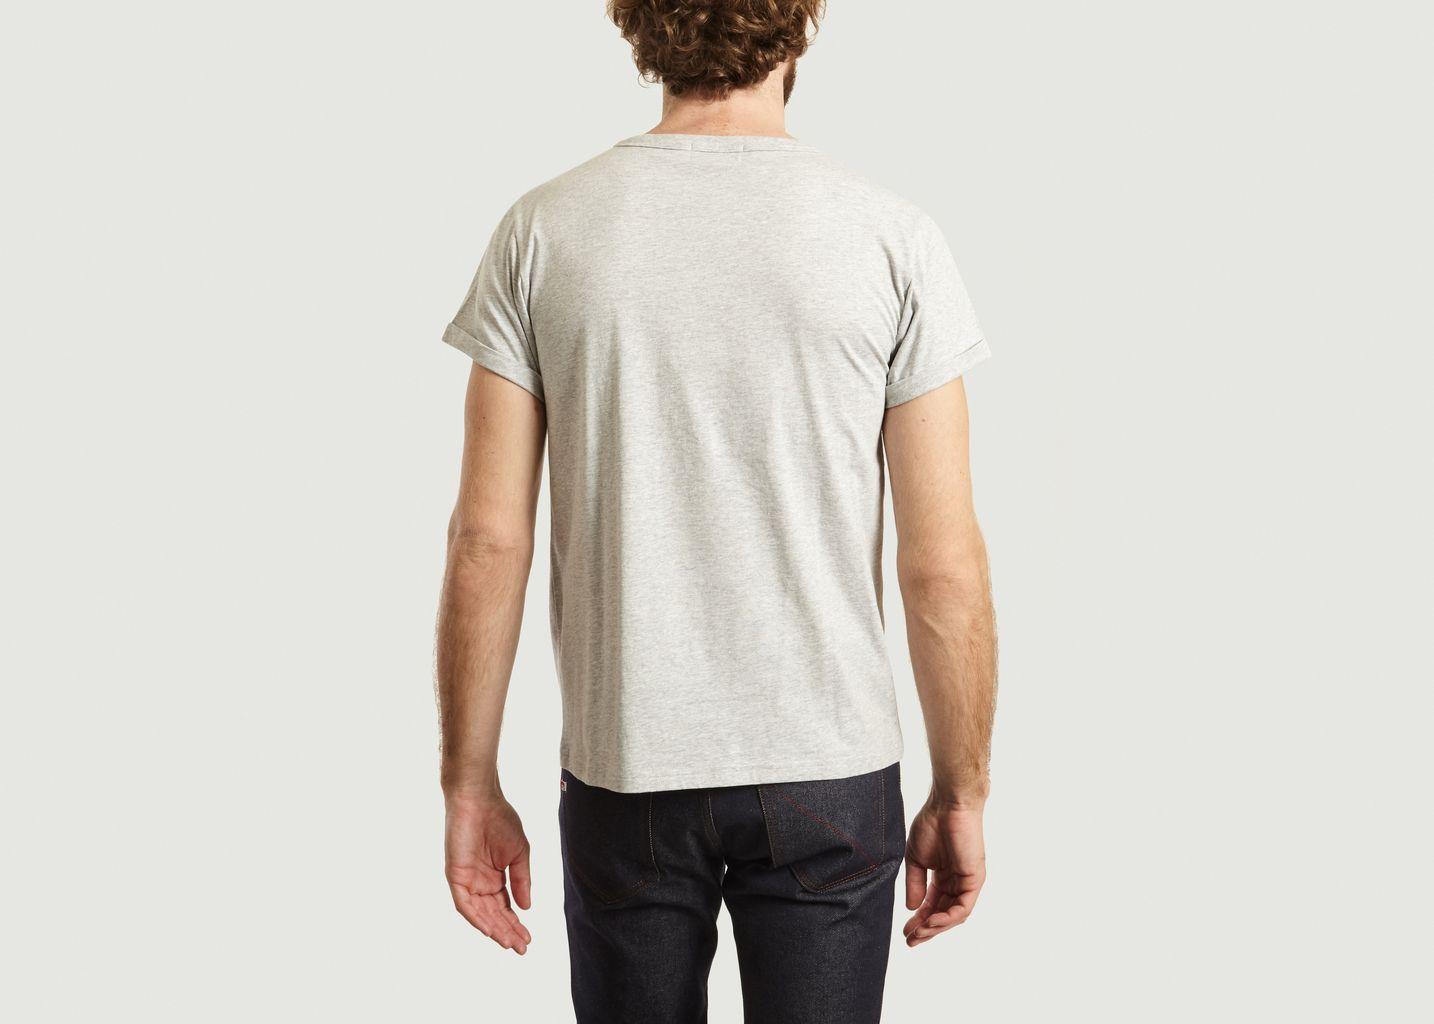 T-Shirt Brodé First Class - Maison Labiche